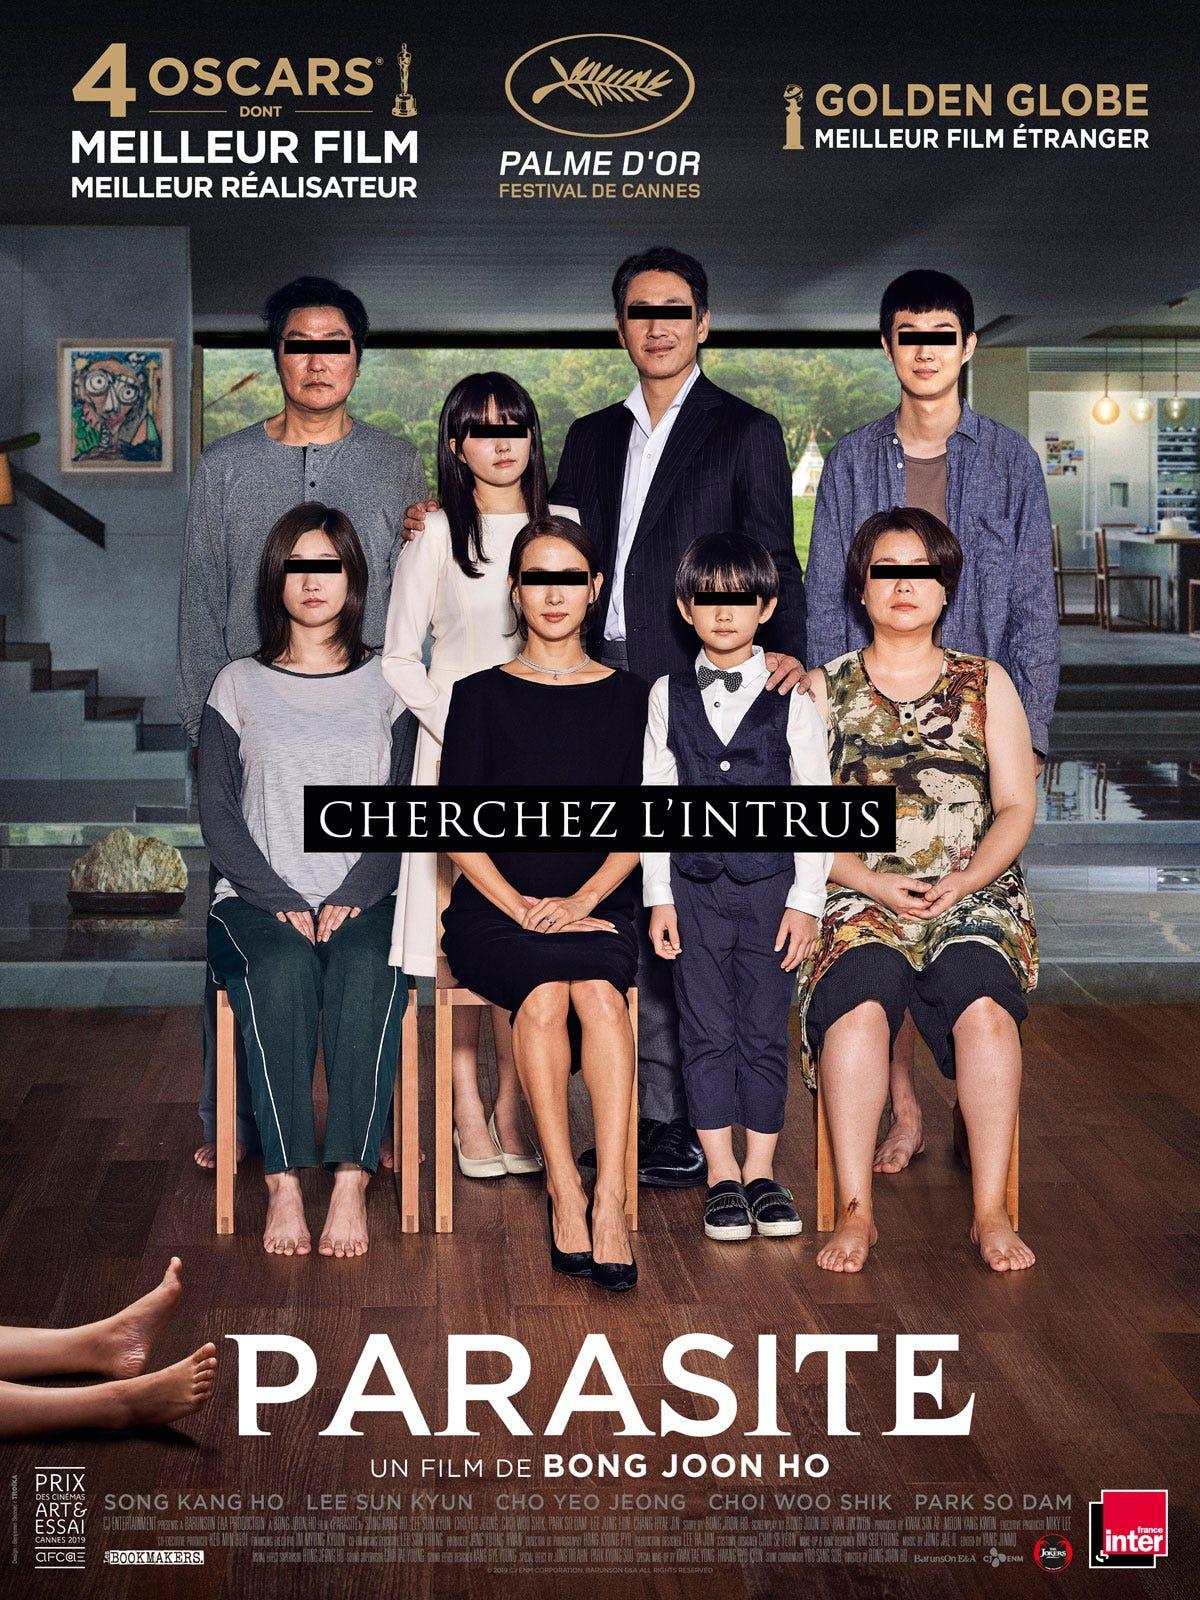 Achat Parasite en DVD - AlloCiné